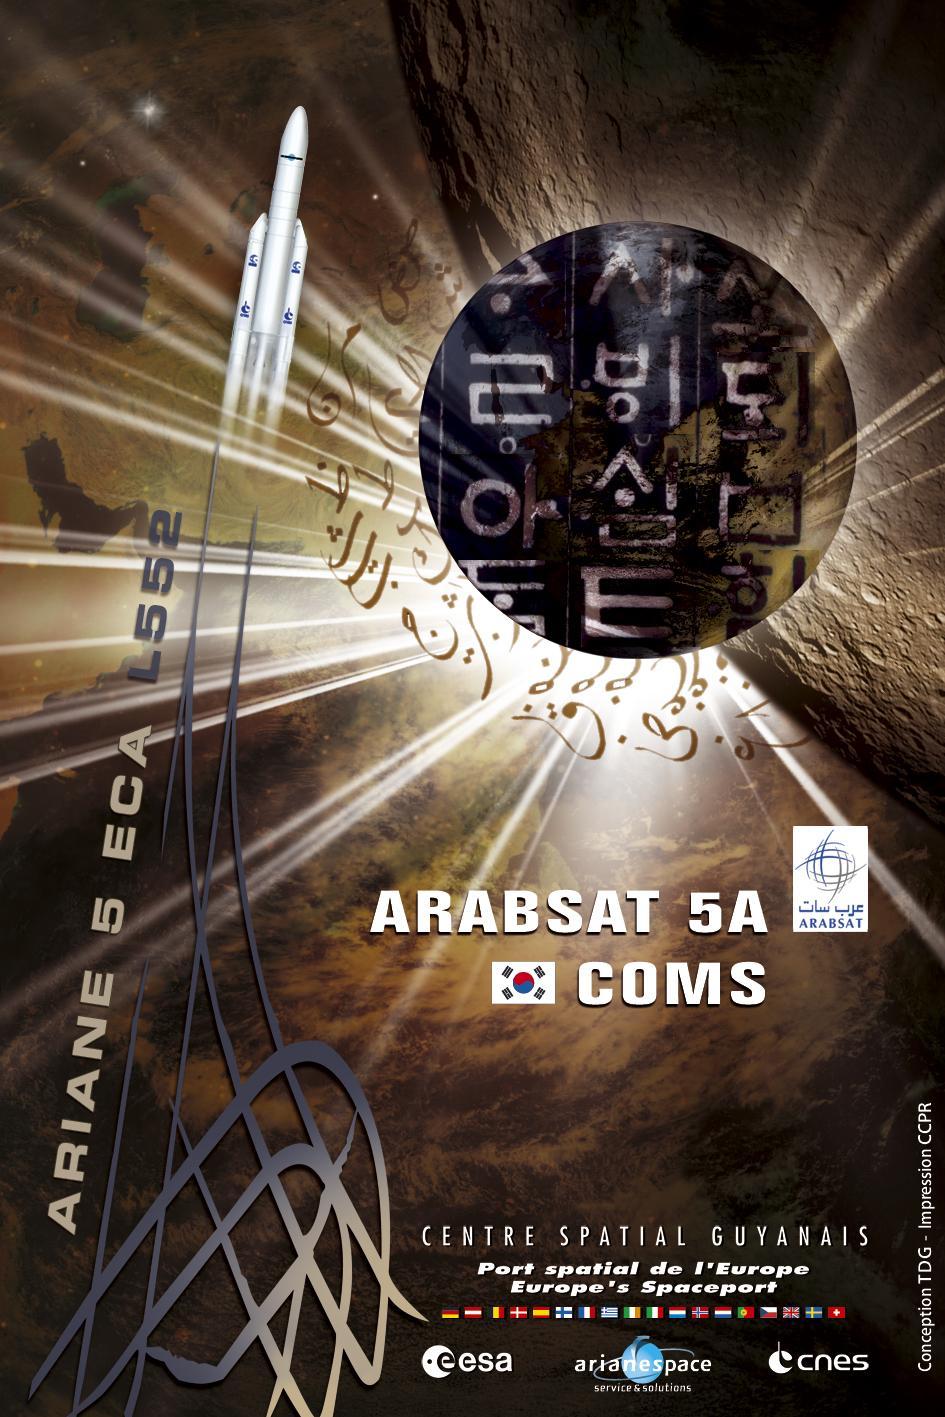 a5a_coms.jpg